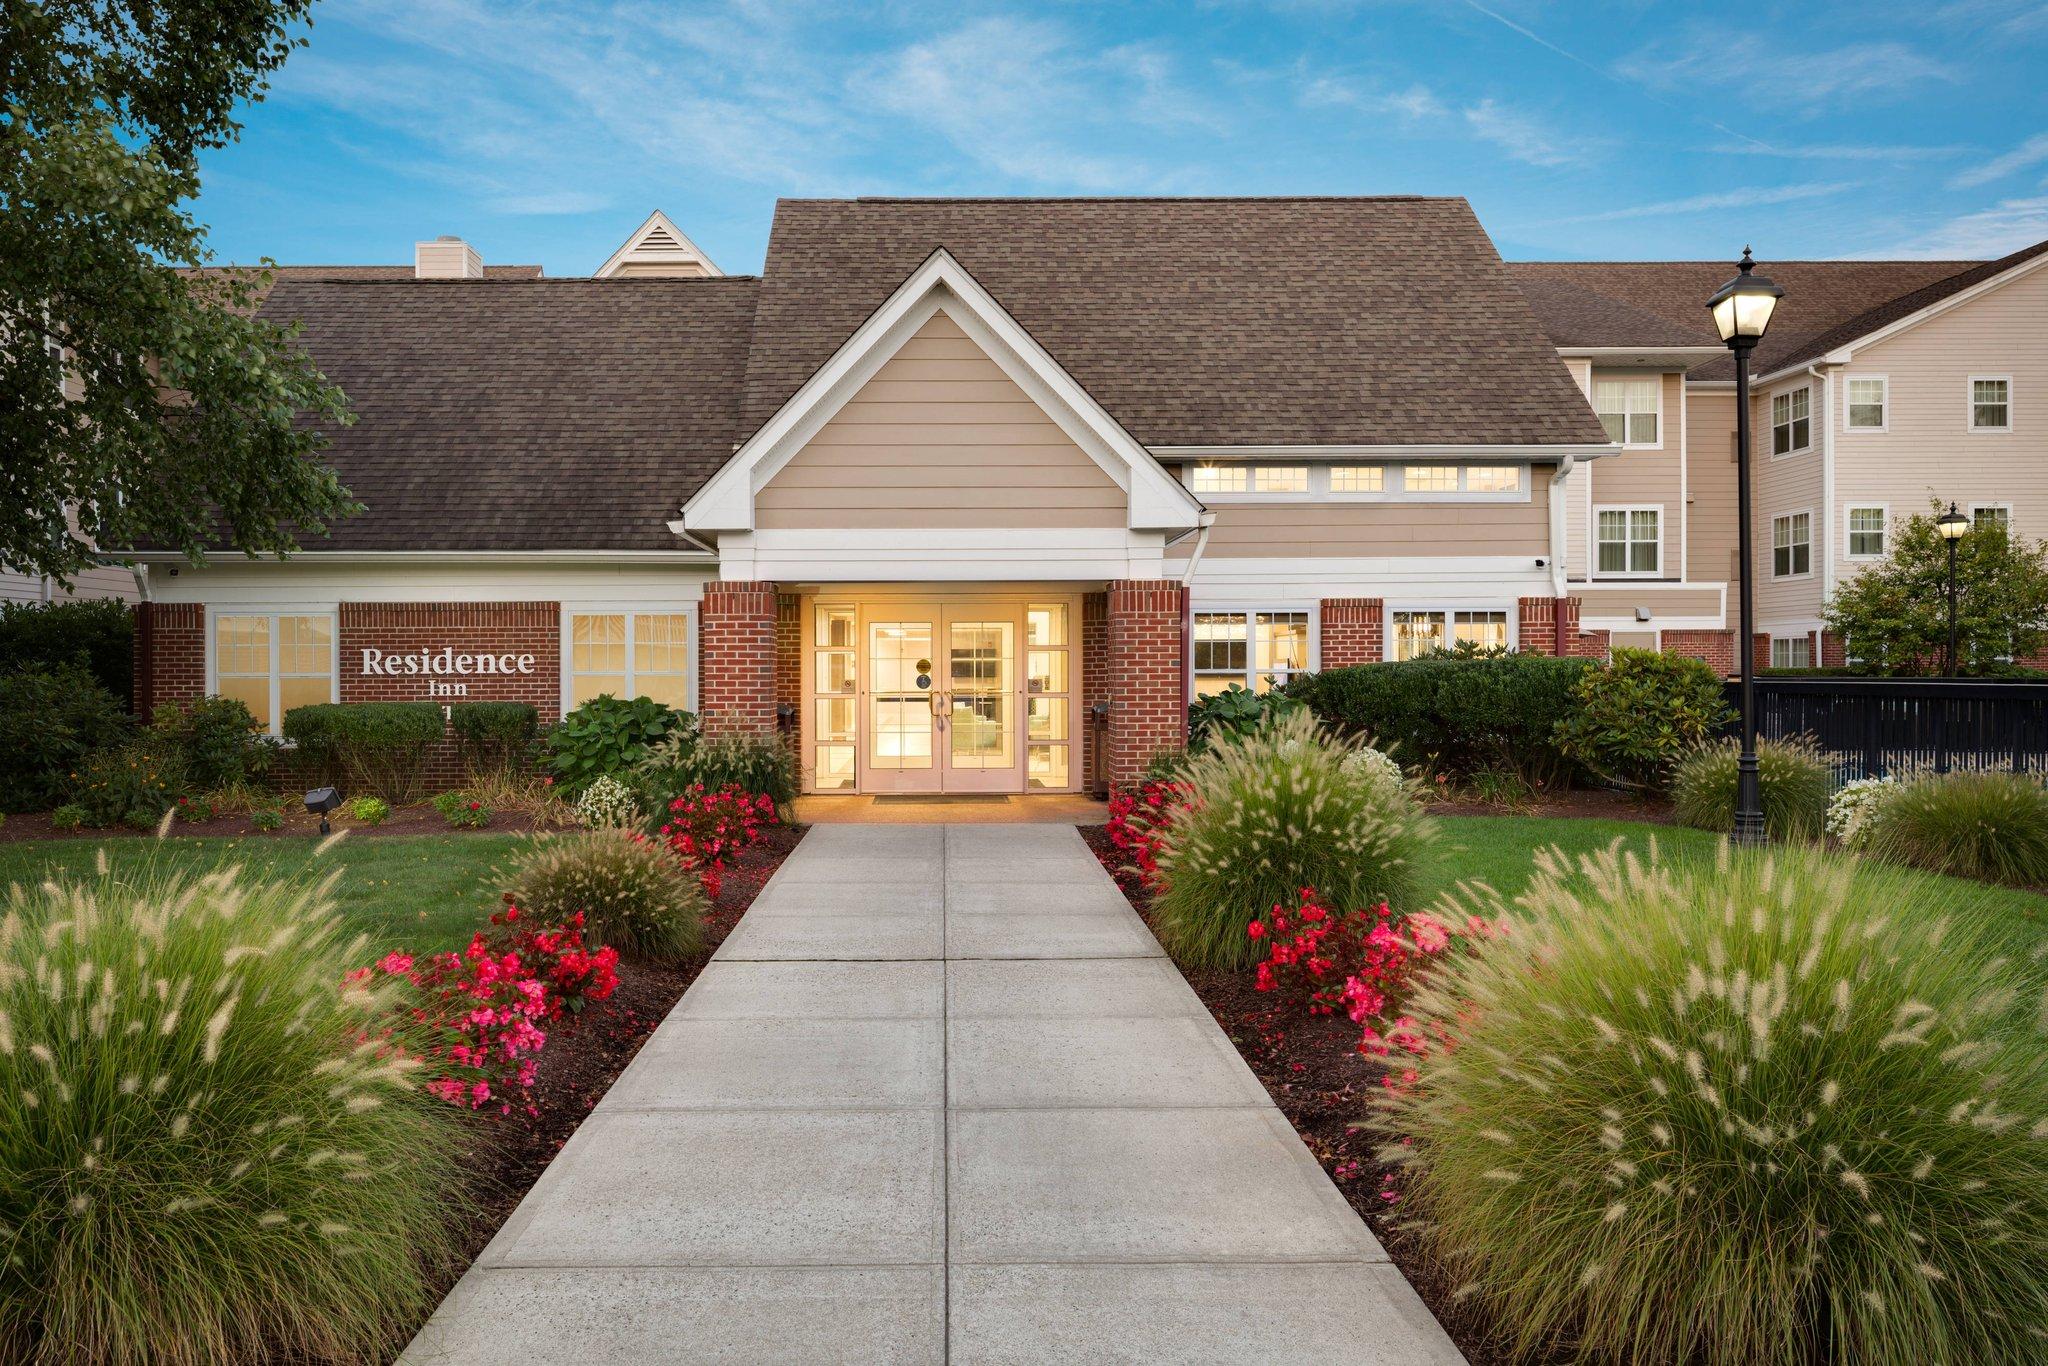 Residence Inn by Marriott Milford